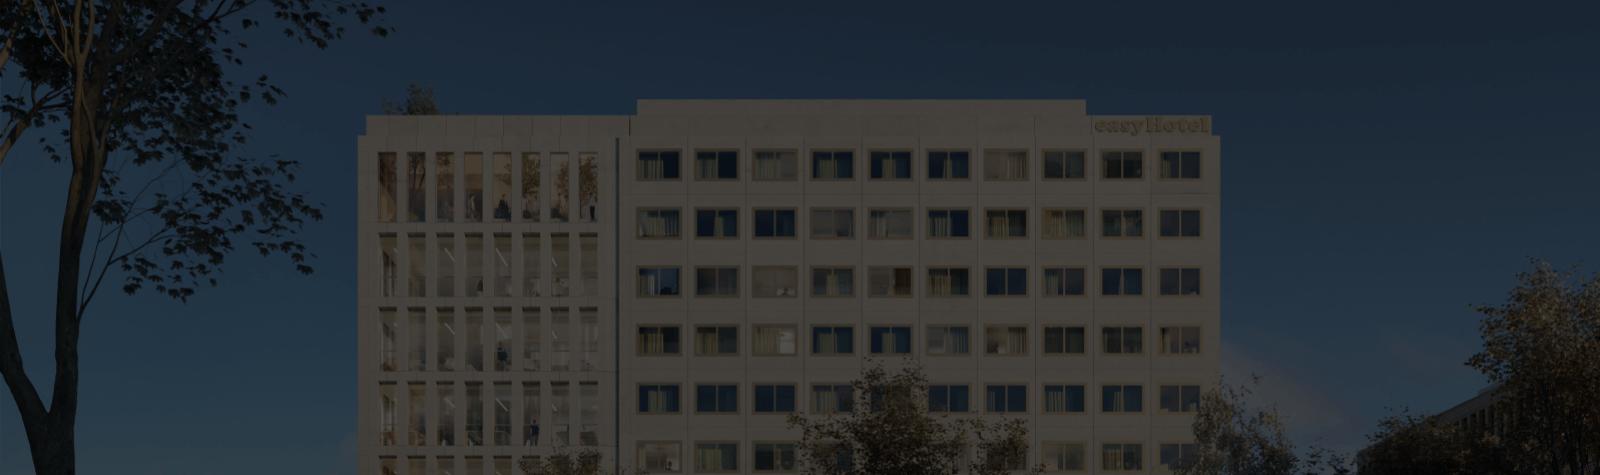 ICADE et easyHotel signent un bail pour la réalisation d'un hôtel dans le Parc des Portes de Paris, face au Campus Condorcet